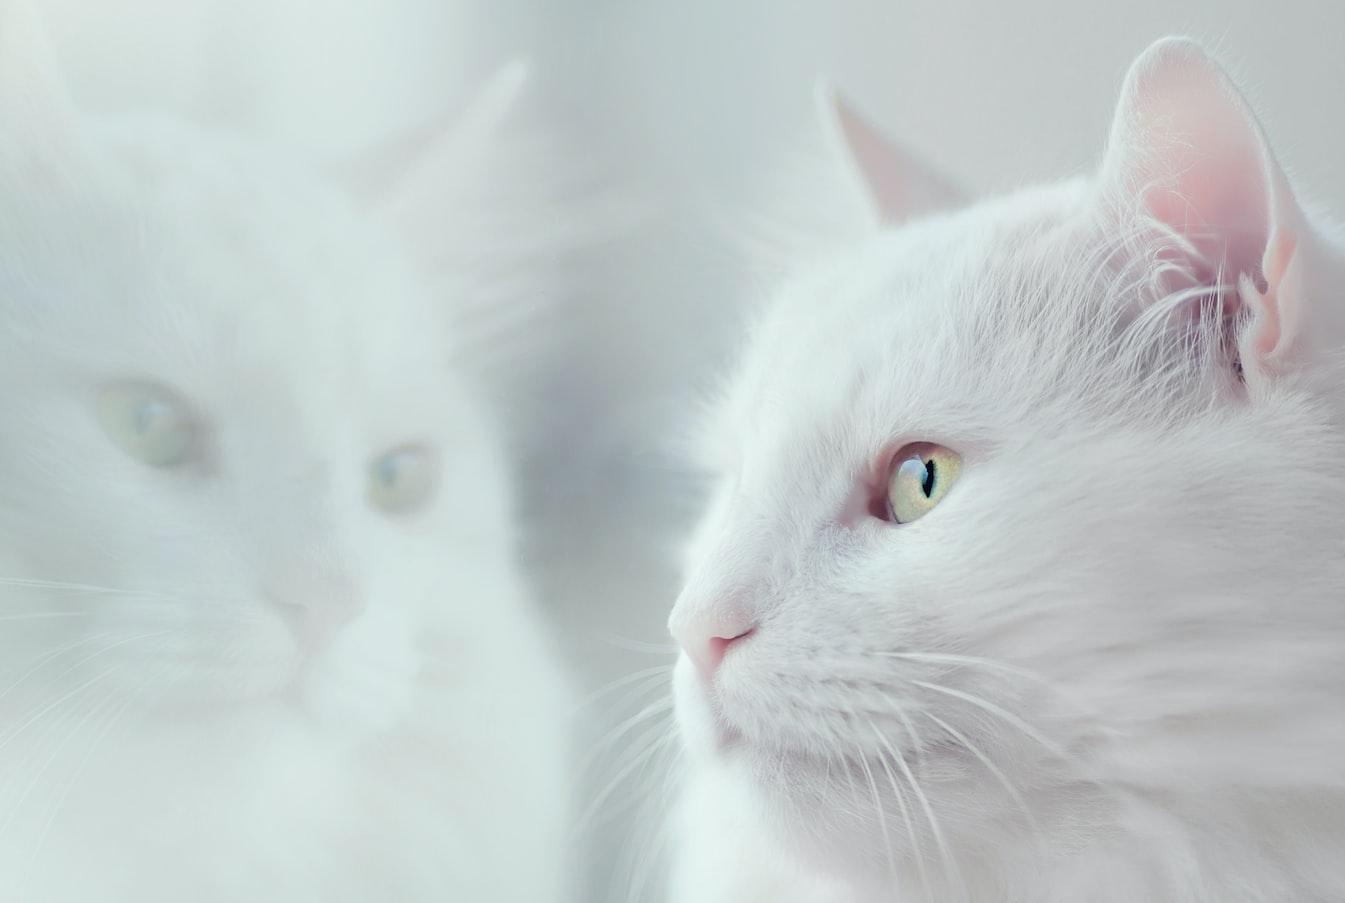 Słówka związane z kotami prowadzą mnie dziś do zbyt daleko idących wniosków. Ale kto wie, może to właśnie koci spisek przejęcia władzy nad światem? Stworzyć zestaw słówek, których powiązanie ze sobą doprowadzi człowieków do szaleństwa?